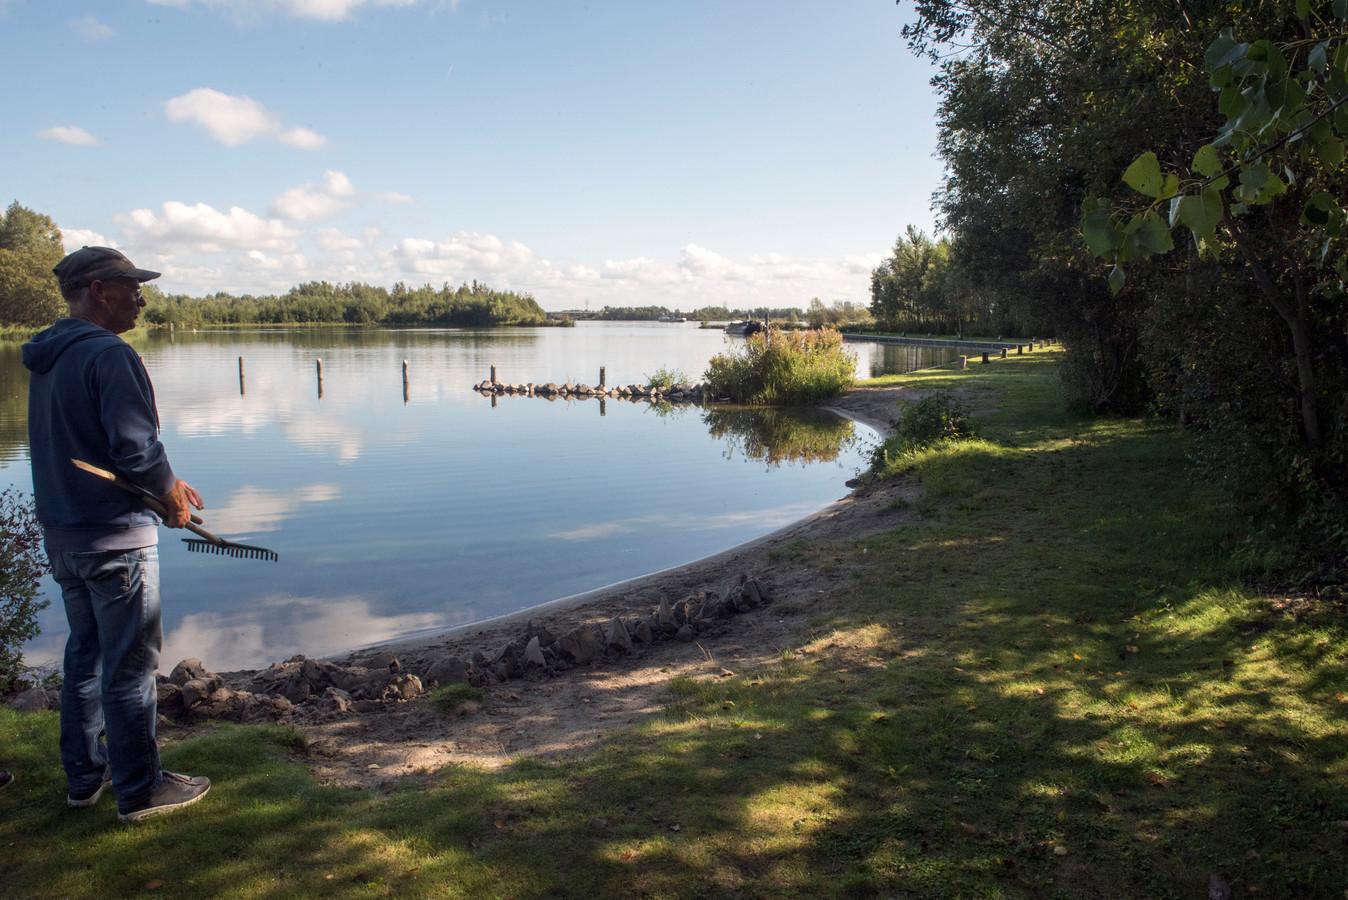 Beheerder Gerrit Houtzager van het Randmeereiland Knarland in het Wolderwijd bij Harderwijk: ,,Op een eiland kom je tot rust.''